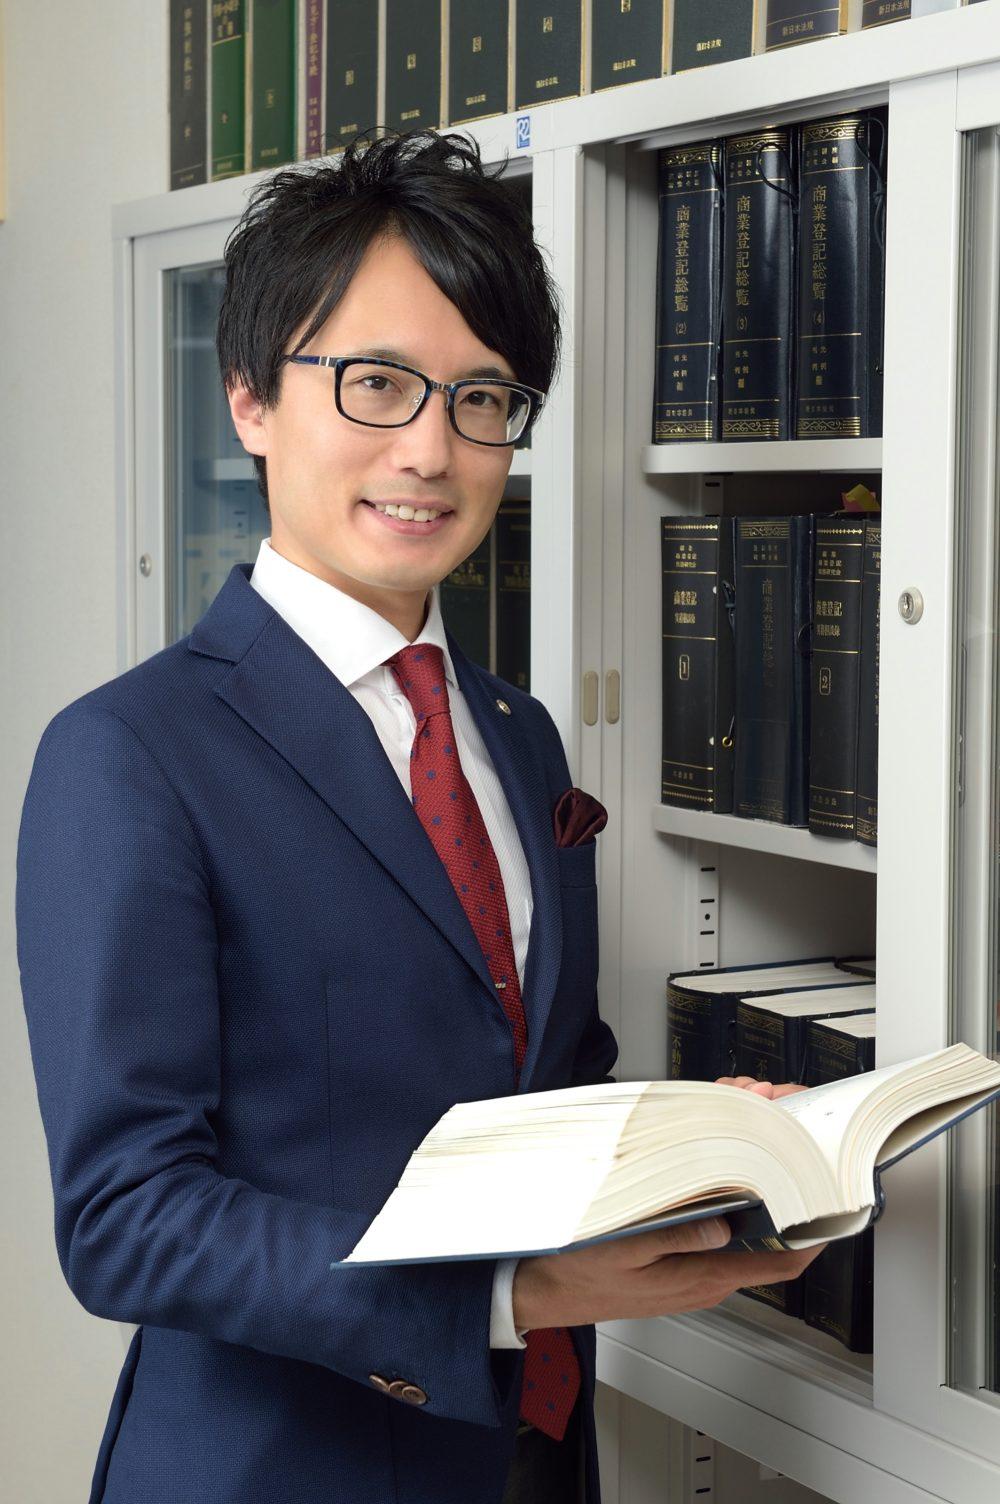 経堂司法書士事務所 代表 高橋 朋宏